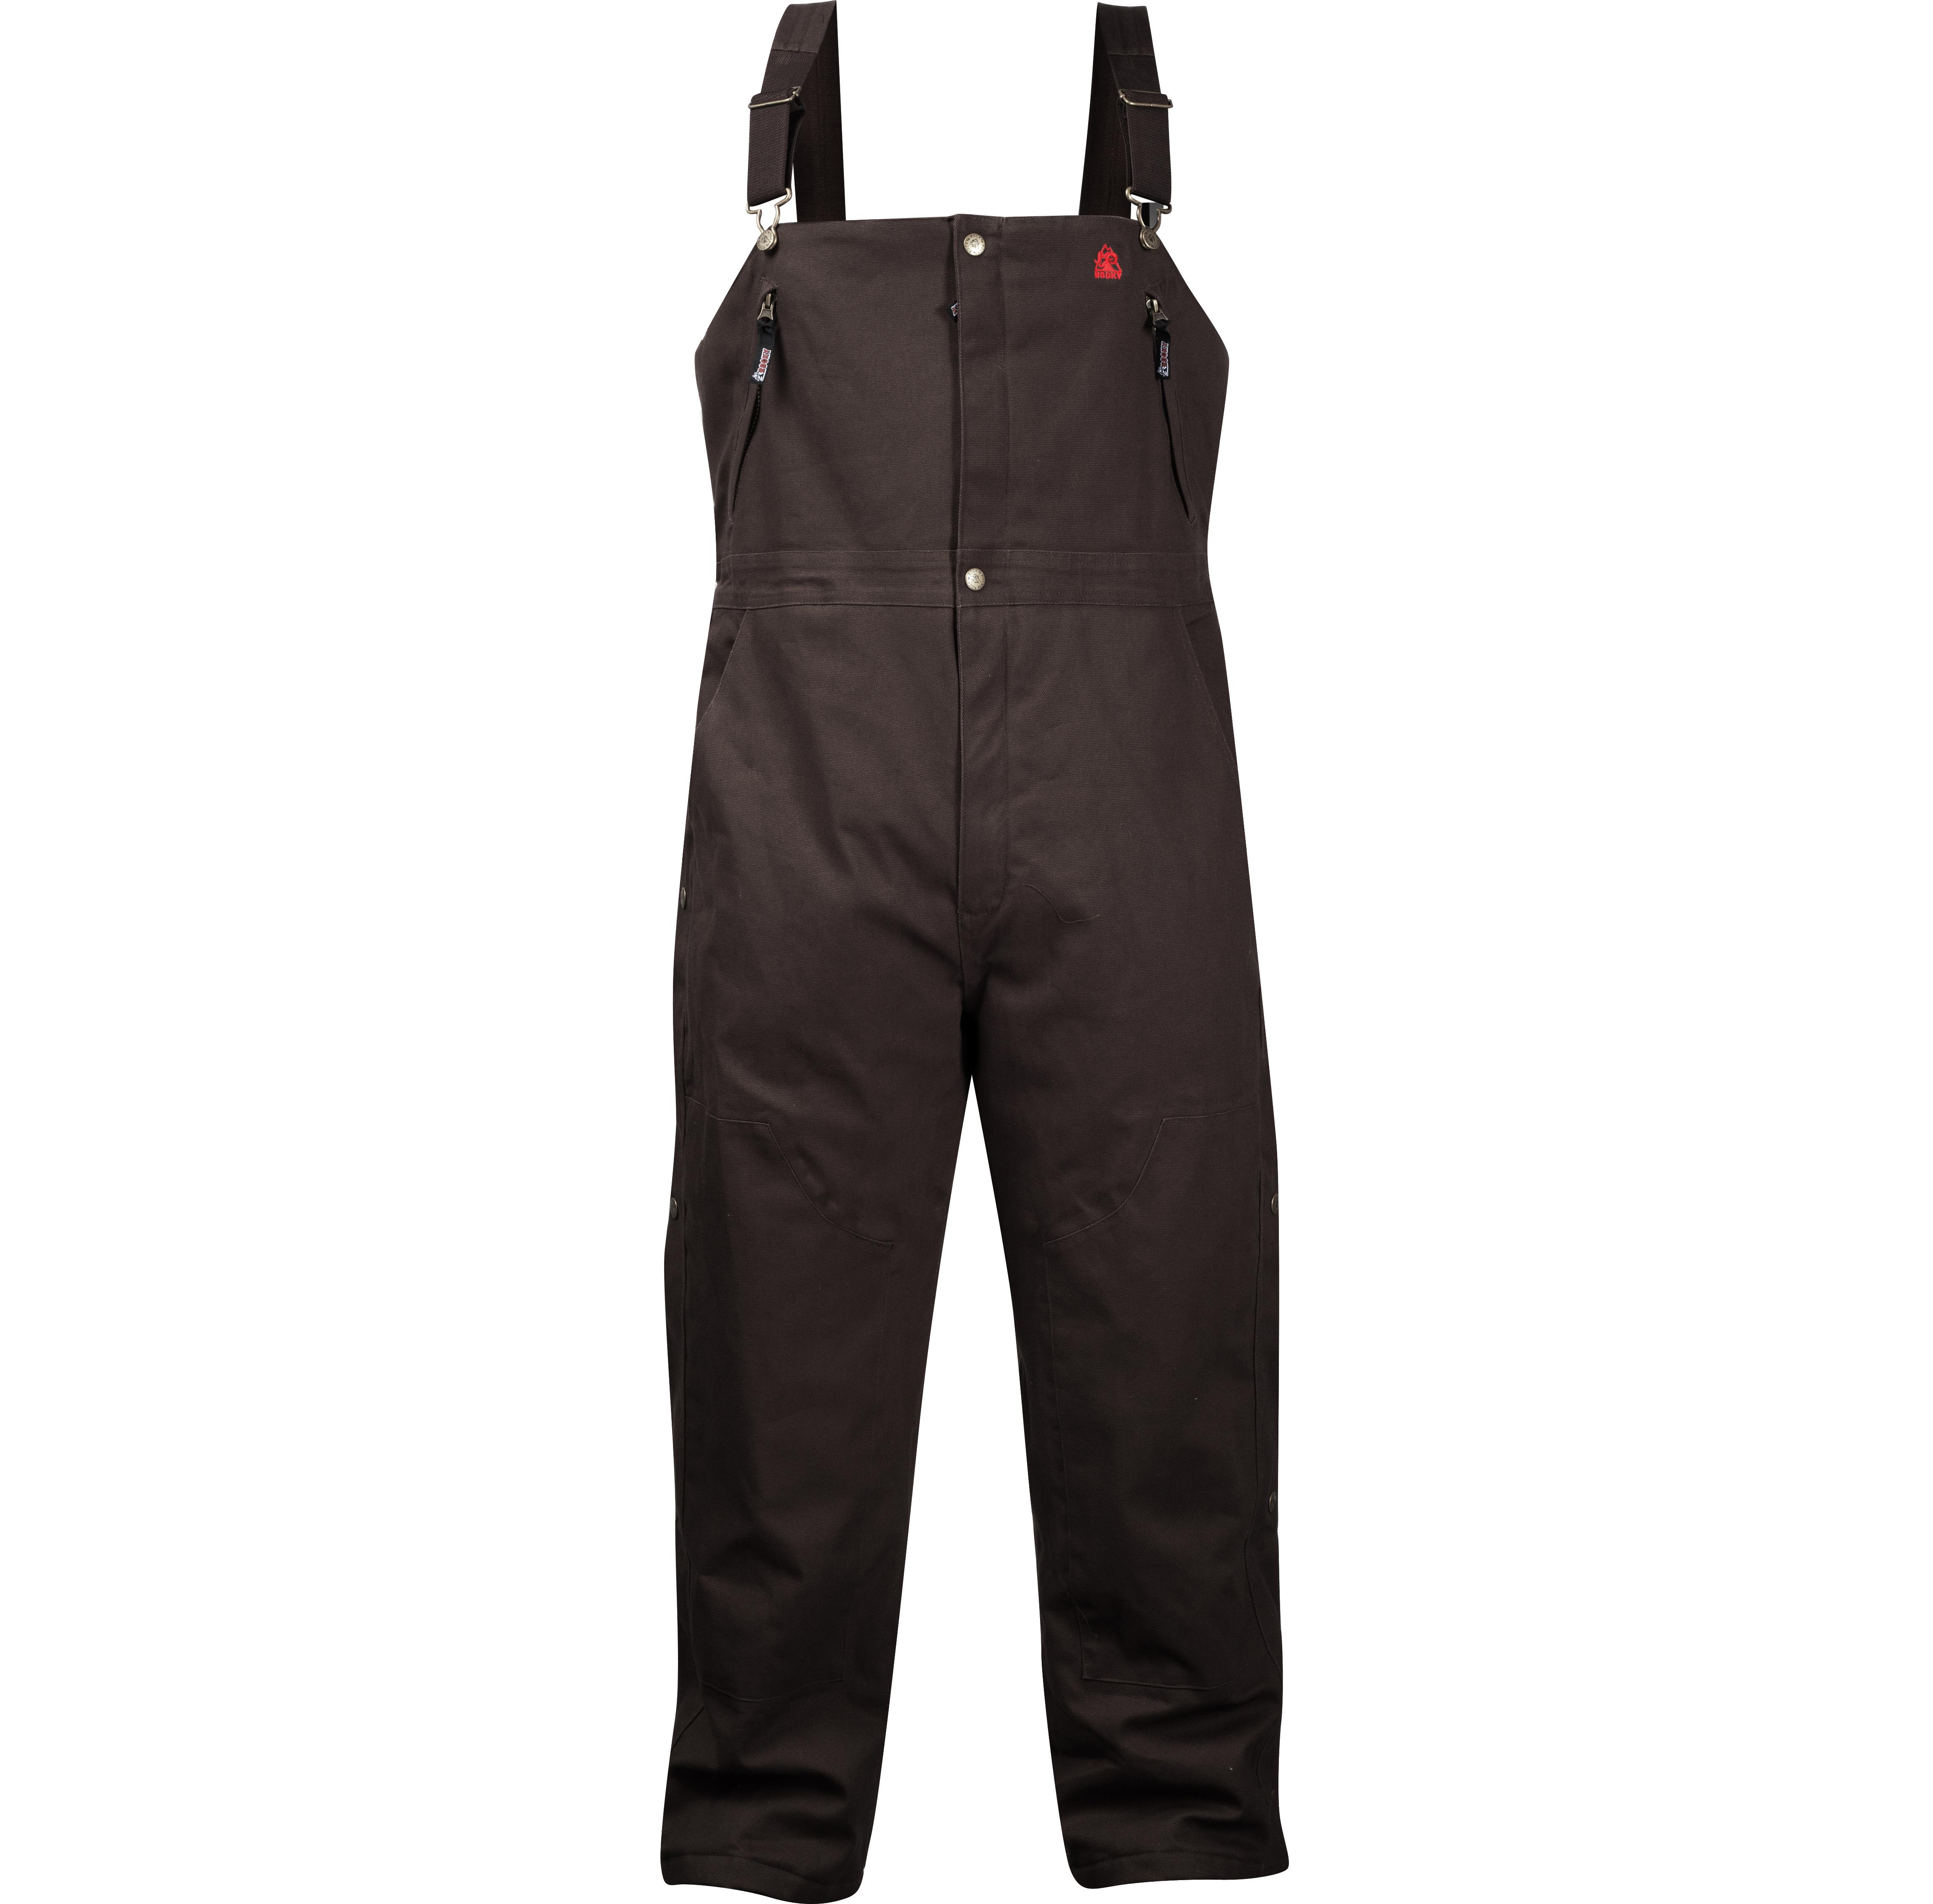 Rocky Workwear Insulated Waterproof Men S Bibs Style 628504